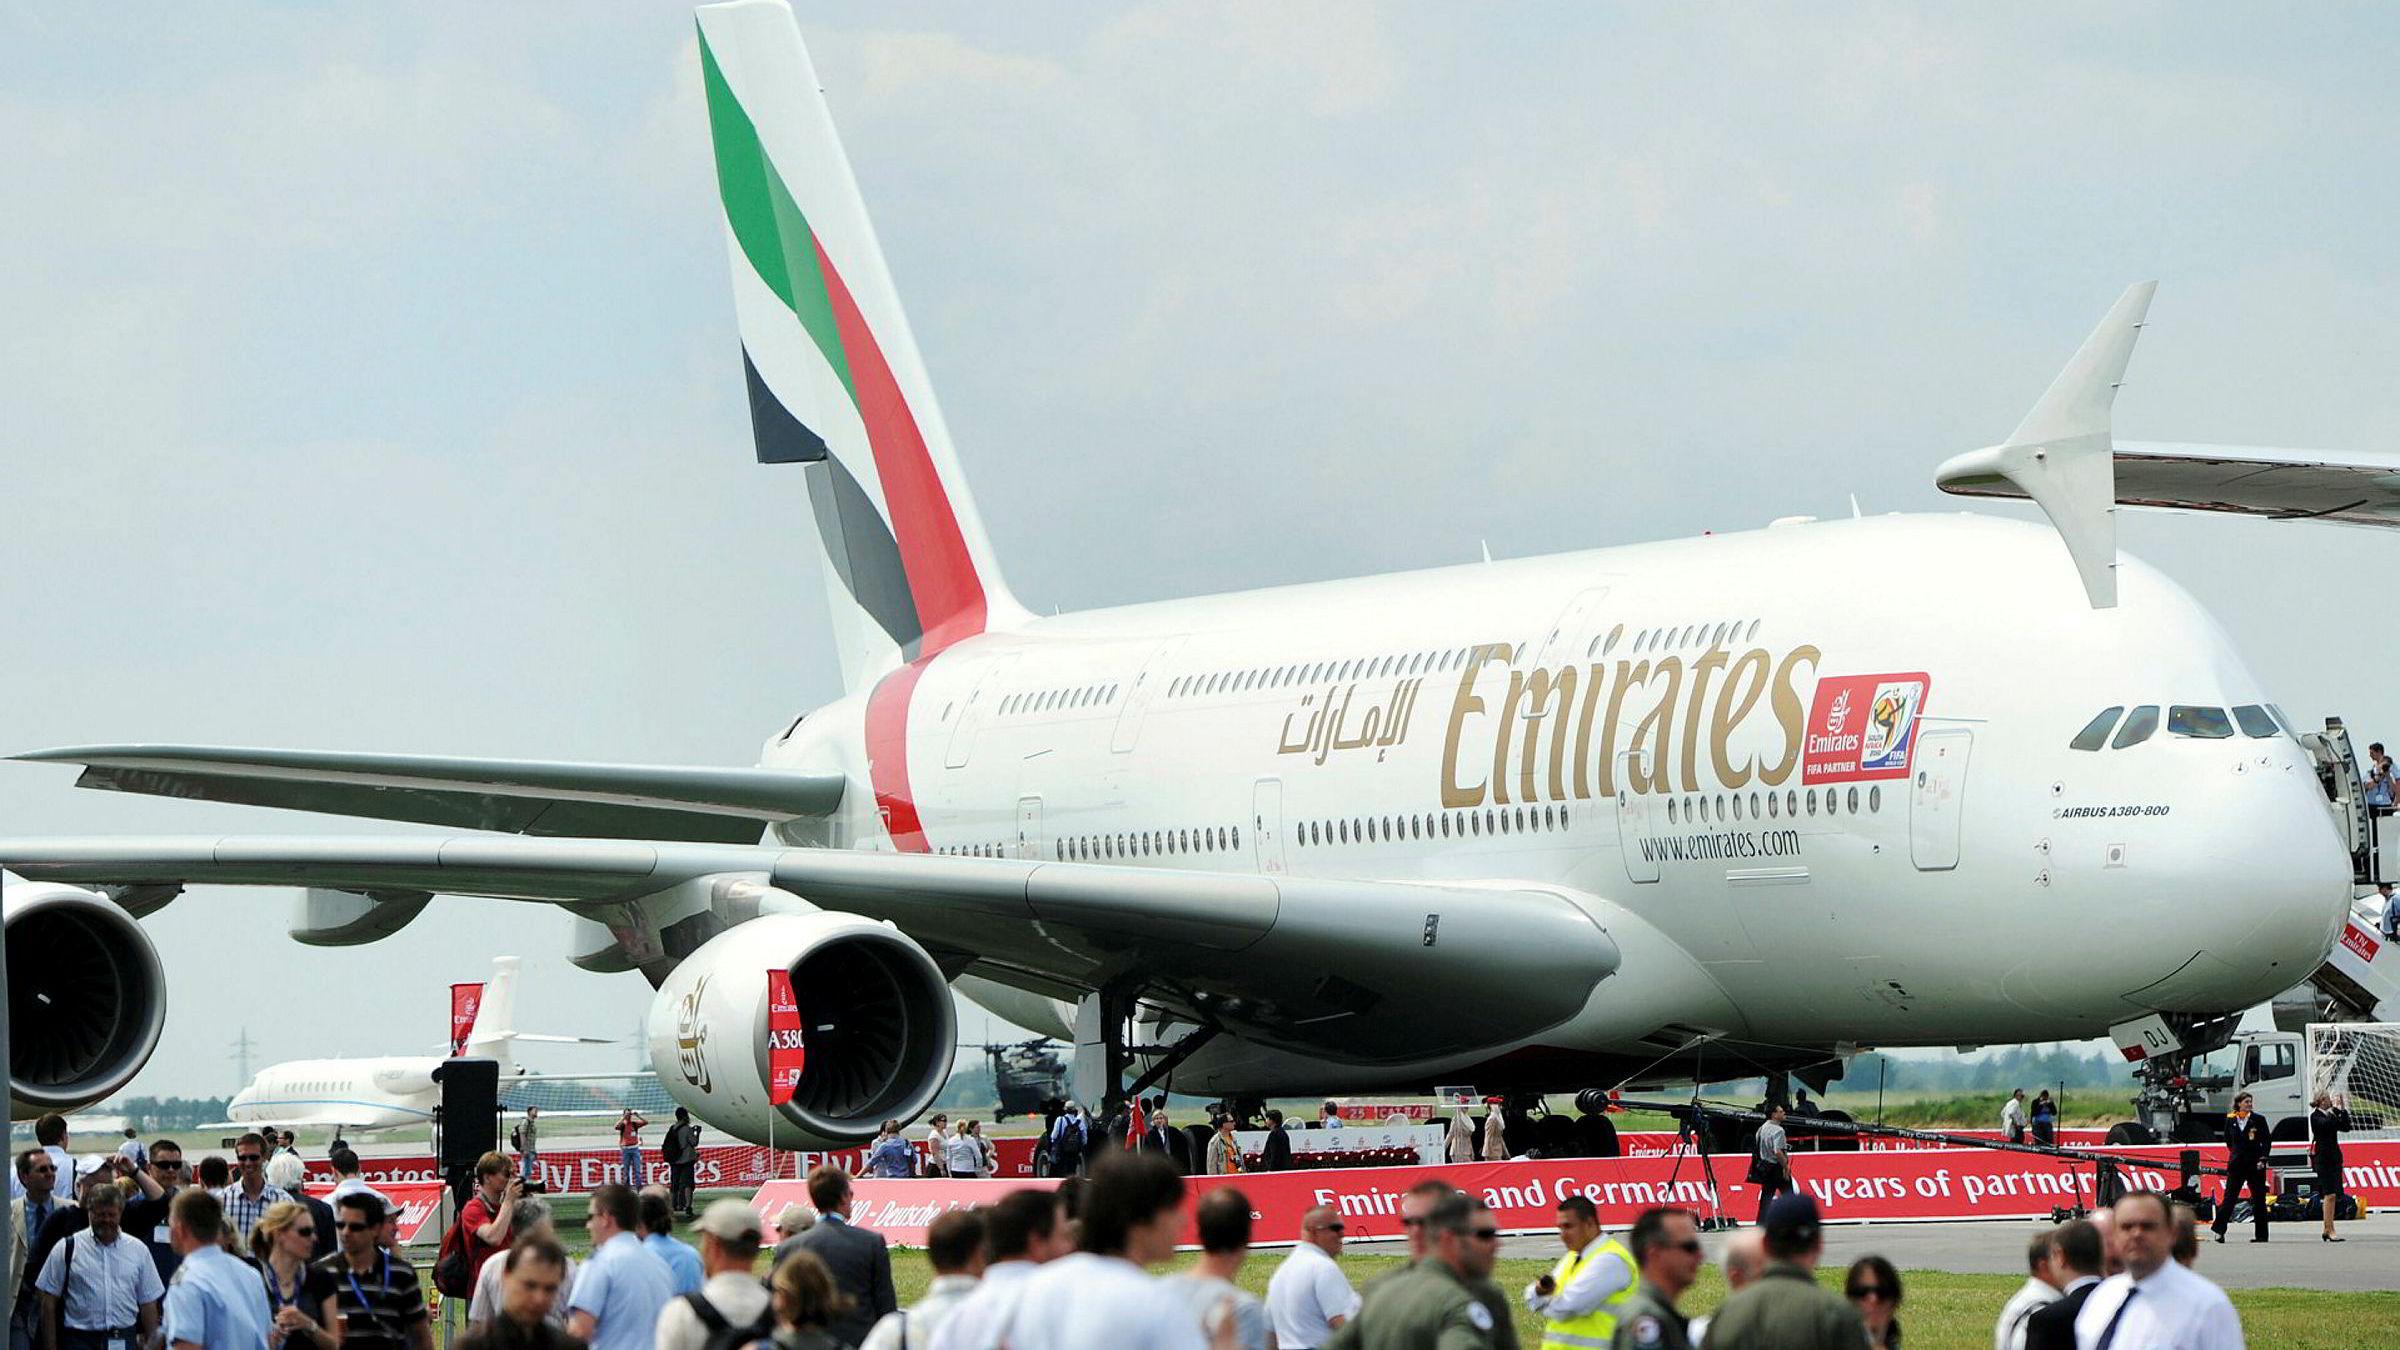 Lav oljepris, konkurranse fra lavprisselskap og en svekket turistnæring får Emirates, et av verdens største og mest luksuriøse flyselskap, til å tenke utenfor boksen for å puste liv i inntektene igjen.